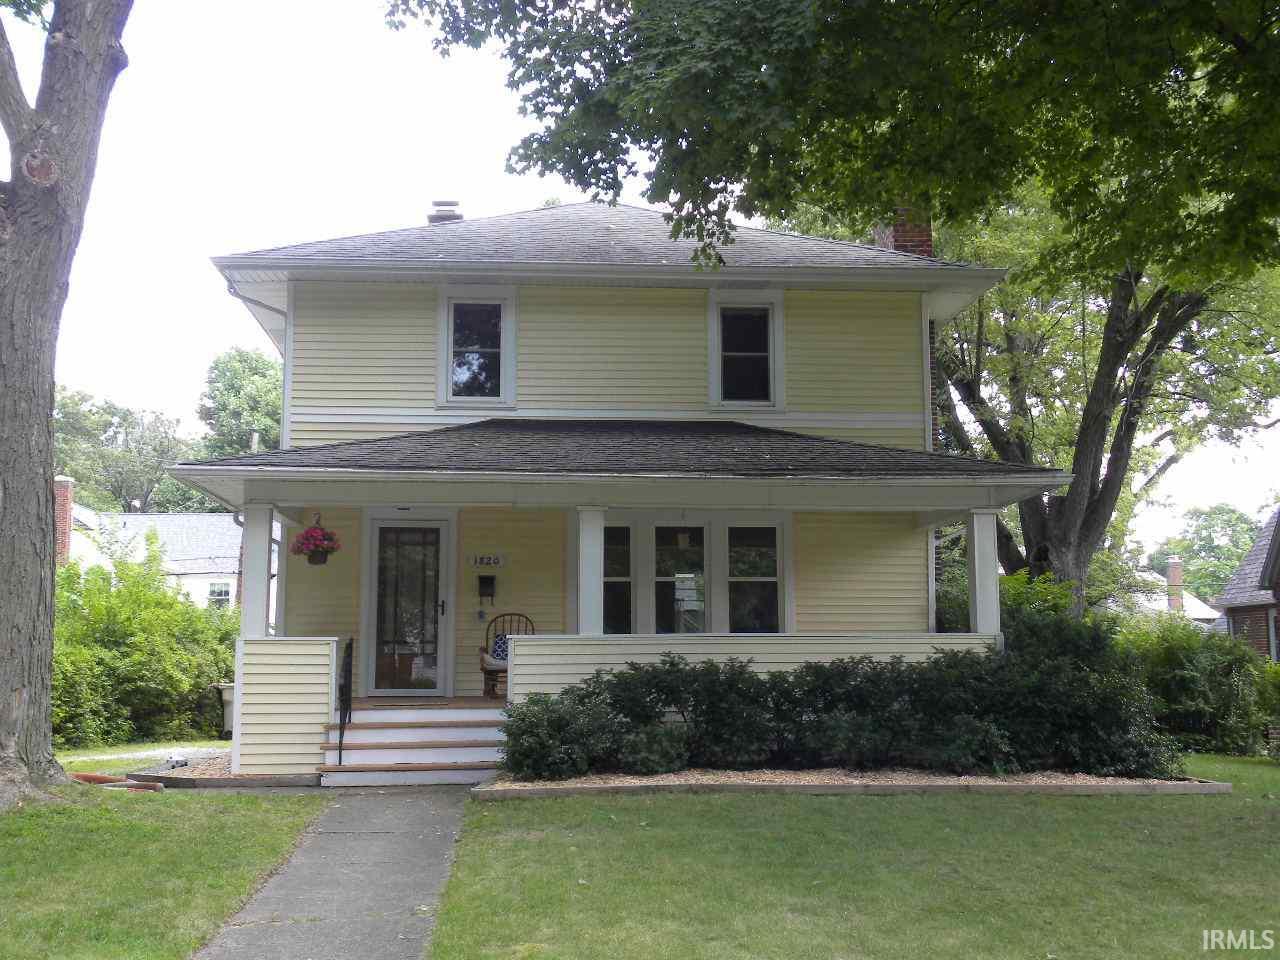 1820 N Adams South Bend, IN 46628